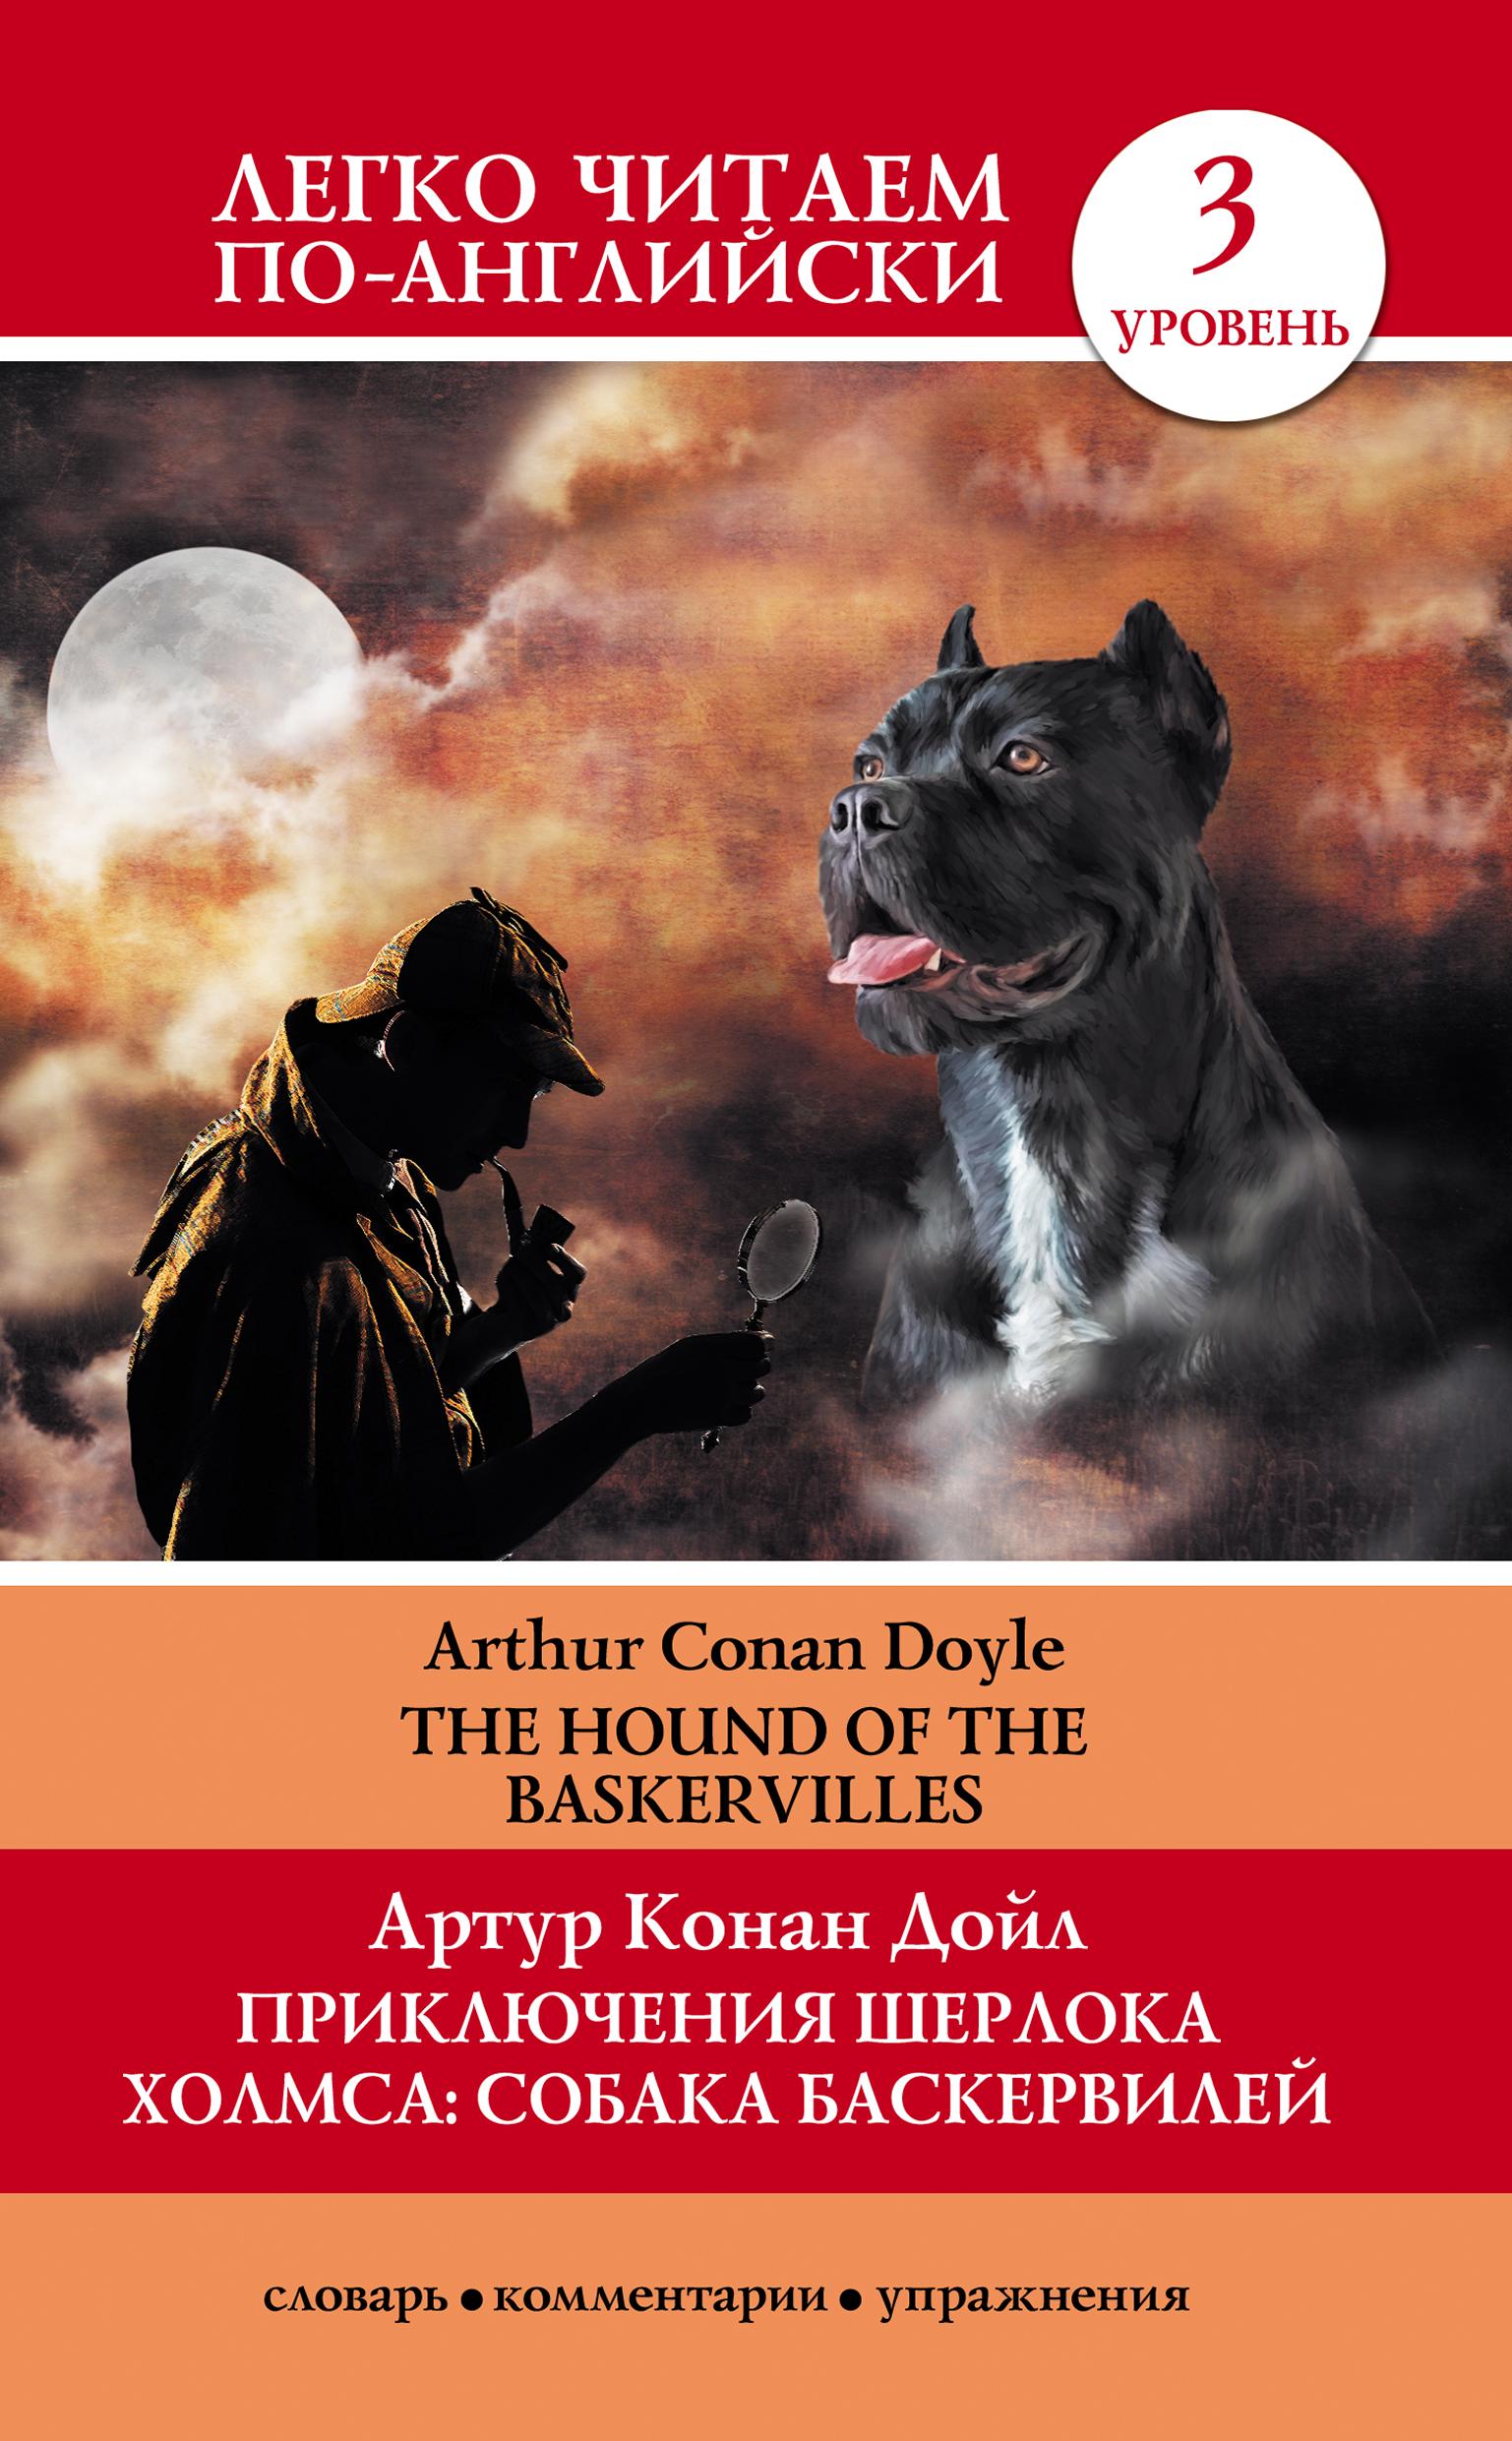 Артур Конан Дойл Приключения Шерлока Холмса: Собака Баскервилей / The Hound of the Baskervilles hound рубашка hound модель 201903559